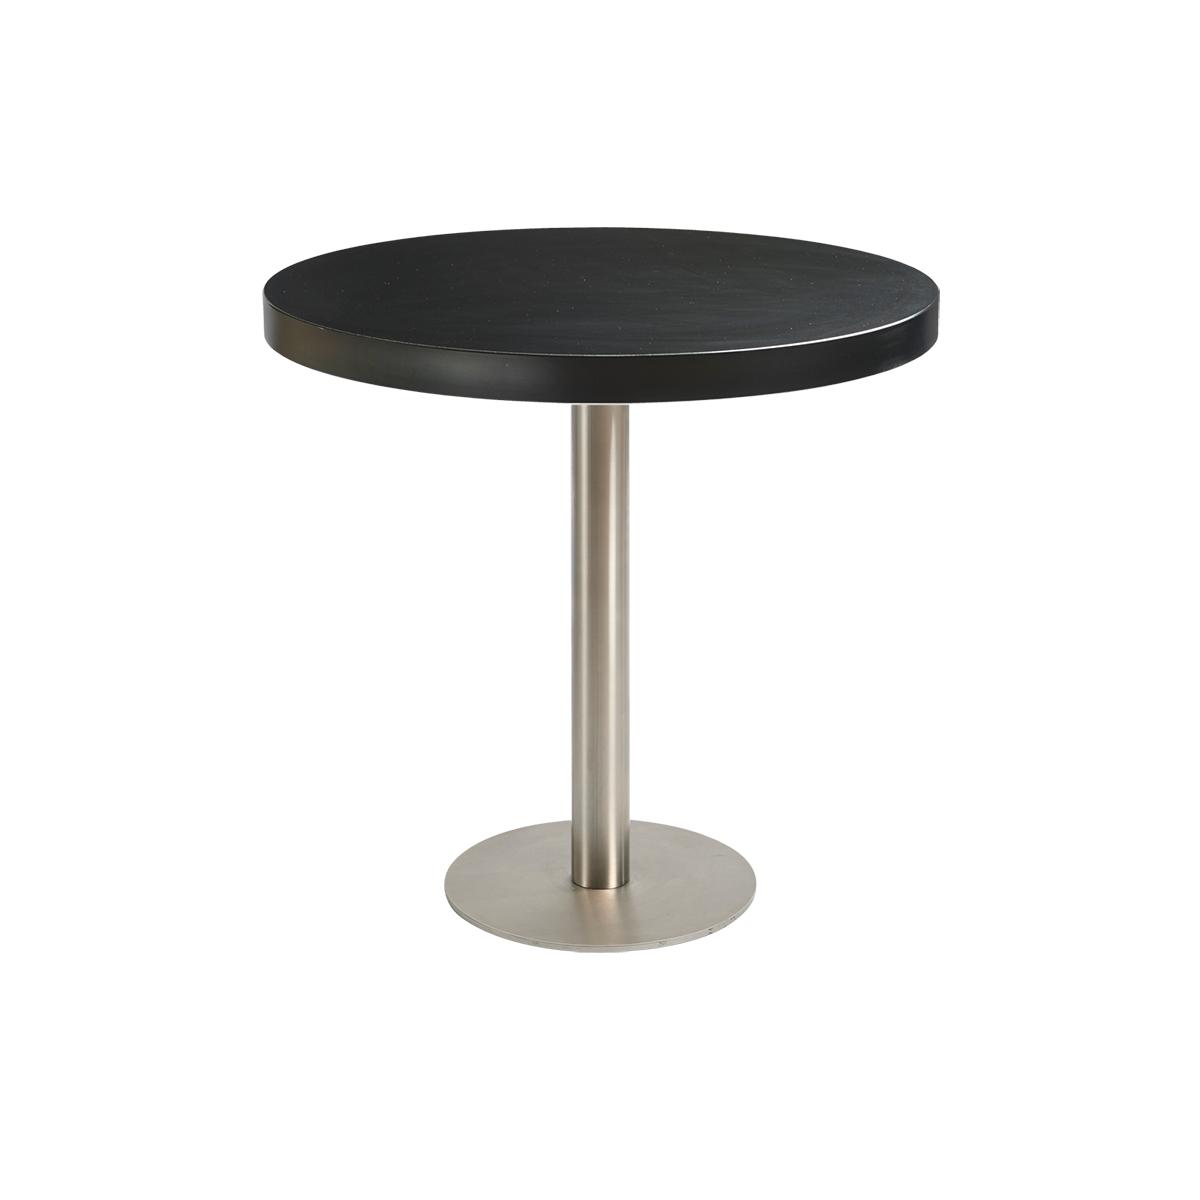 dieeventausstatter Sitztisch Modern Platte schwarz rund